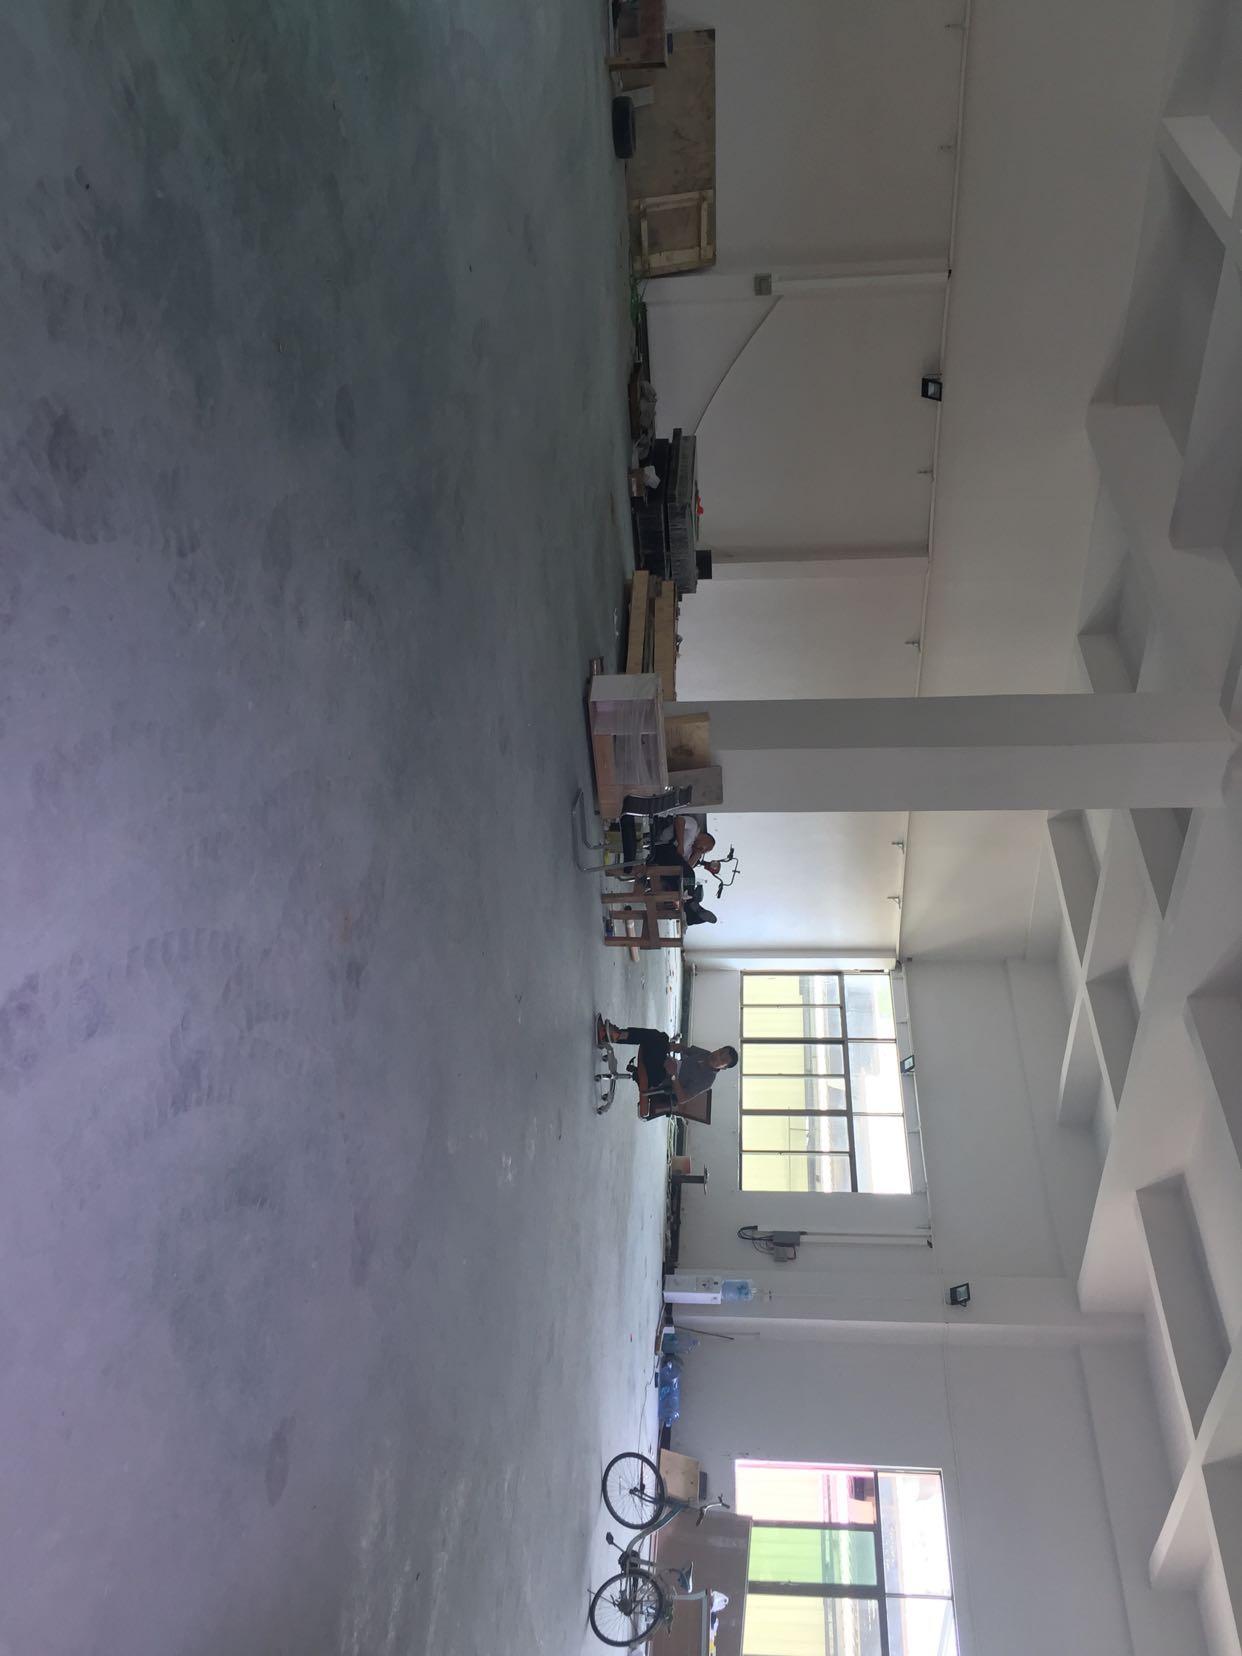 大朗佛新前一秒新出标准厂房分租1⃣️楼600平米水电齐全有办公室-图3